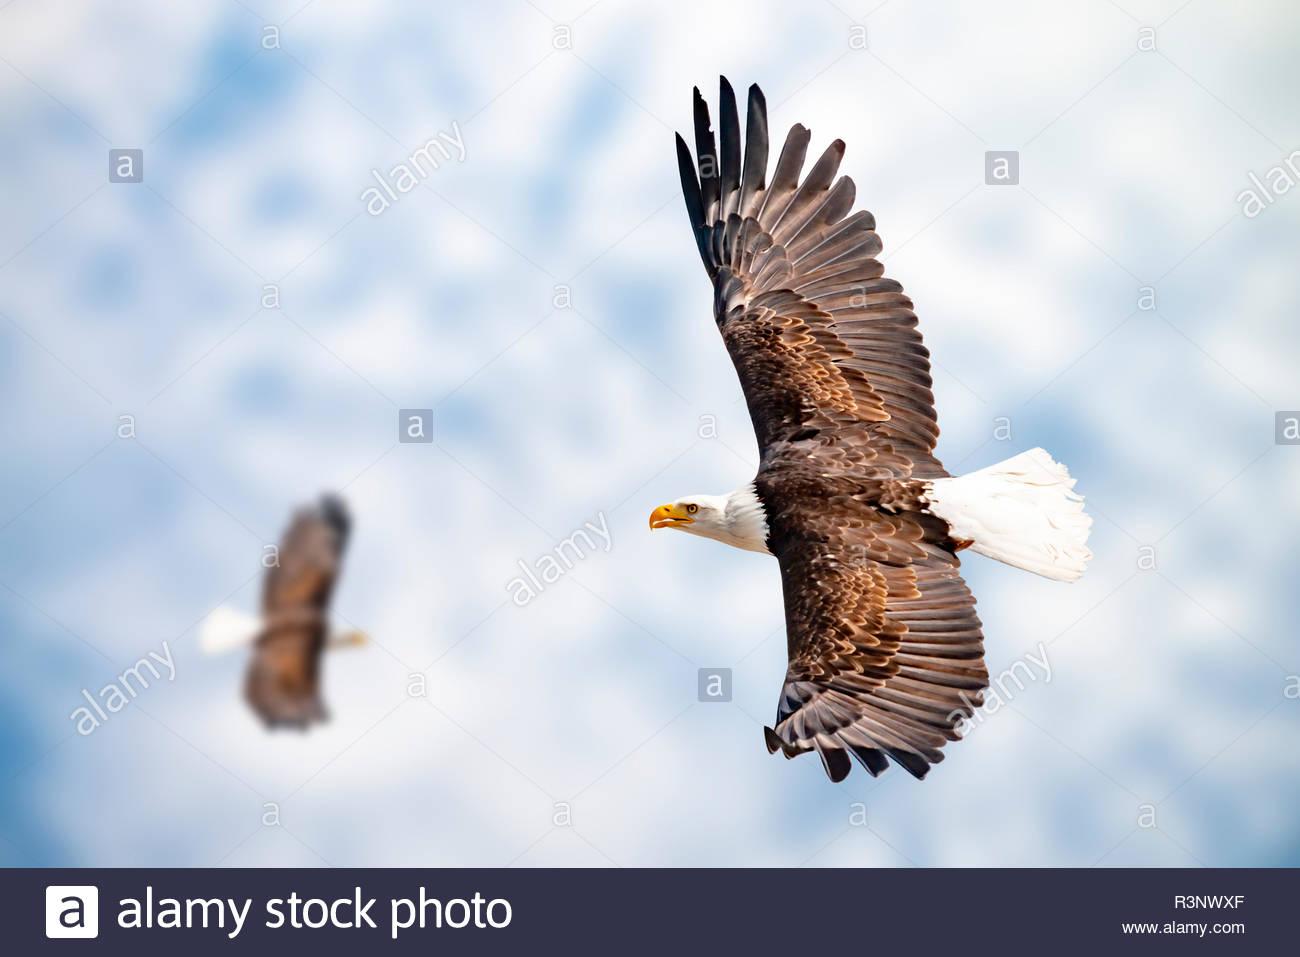 Zwei Adler mit ausgebreiteten Schwingen - Stock Image